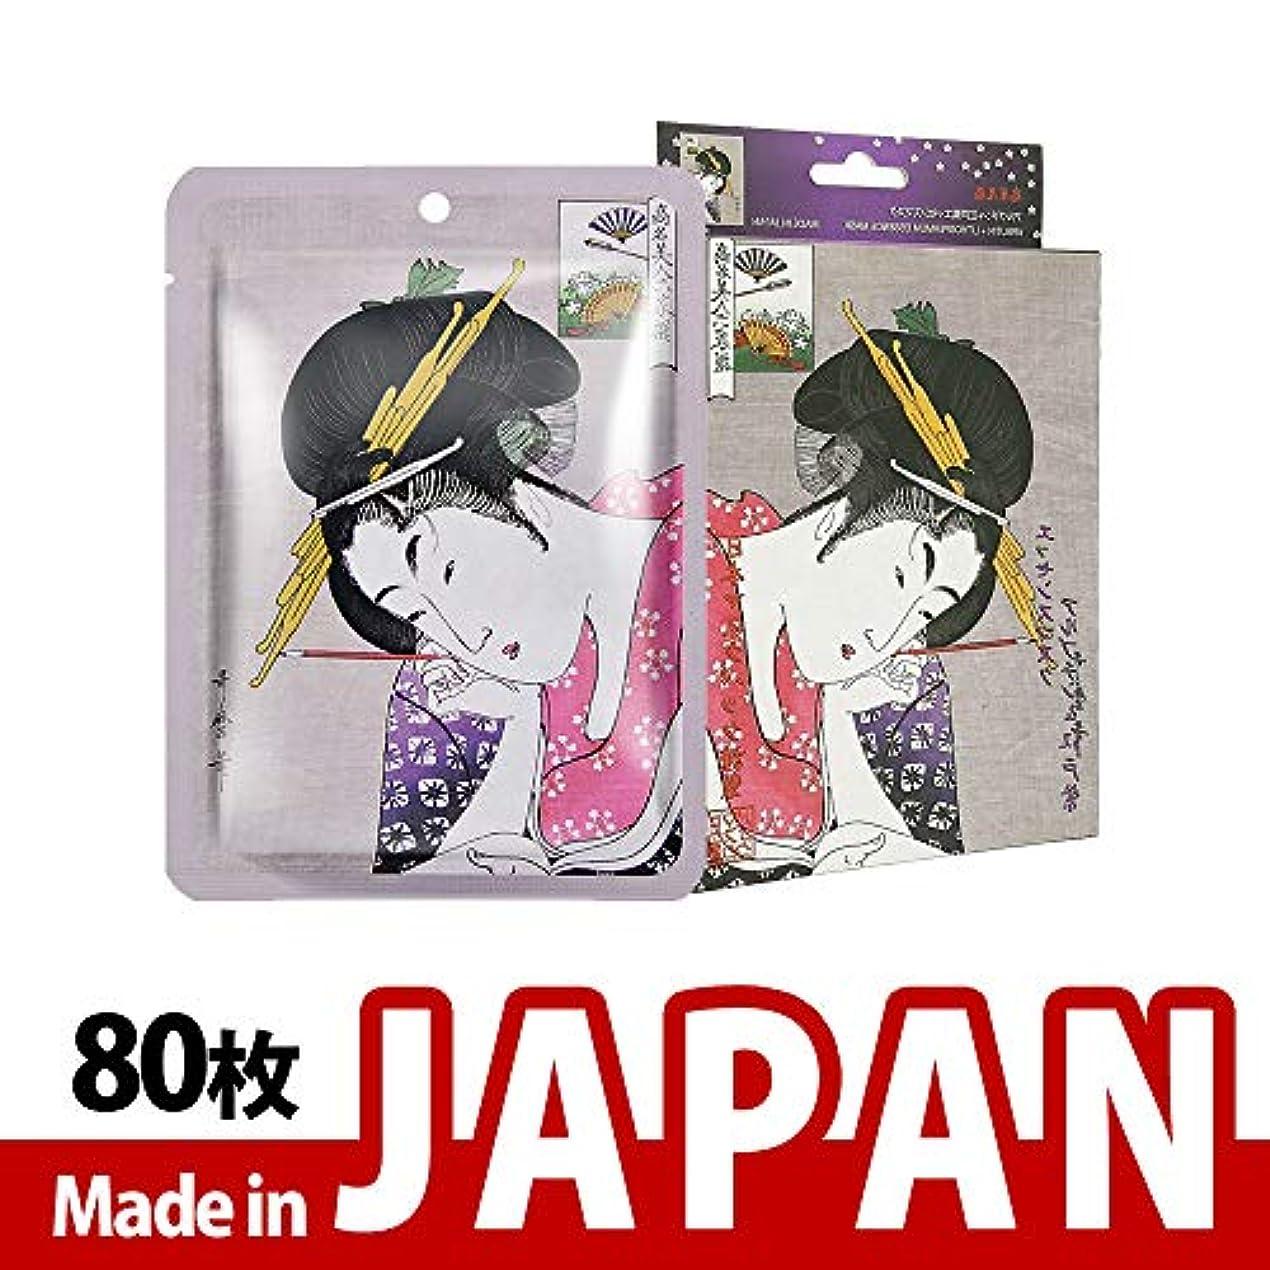 エクスタシーシリング揃えるMITOMO【JP002-A-0】日本製シートマスク/10枚入り/80枚/美容液/マスクパック/送料無料